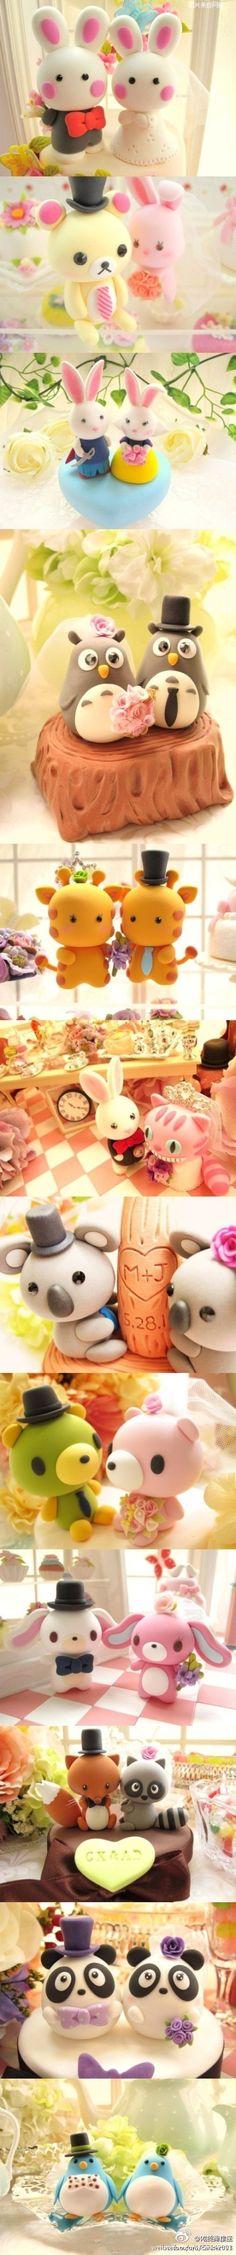 Cute animals couples  - 婚礼蛋糕。其实可以用软陶cos~~